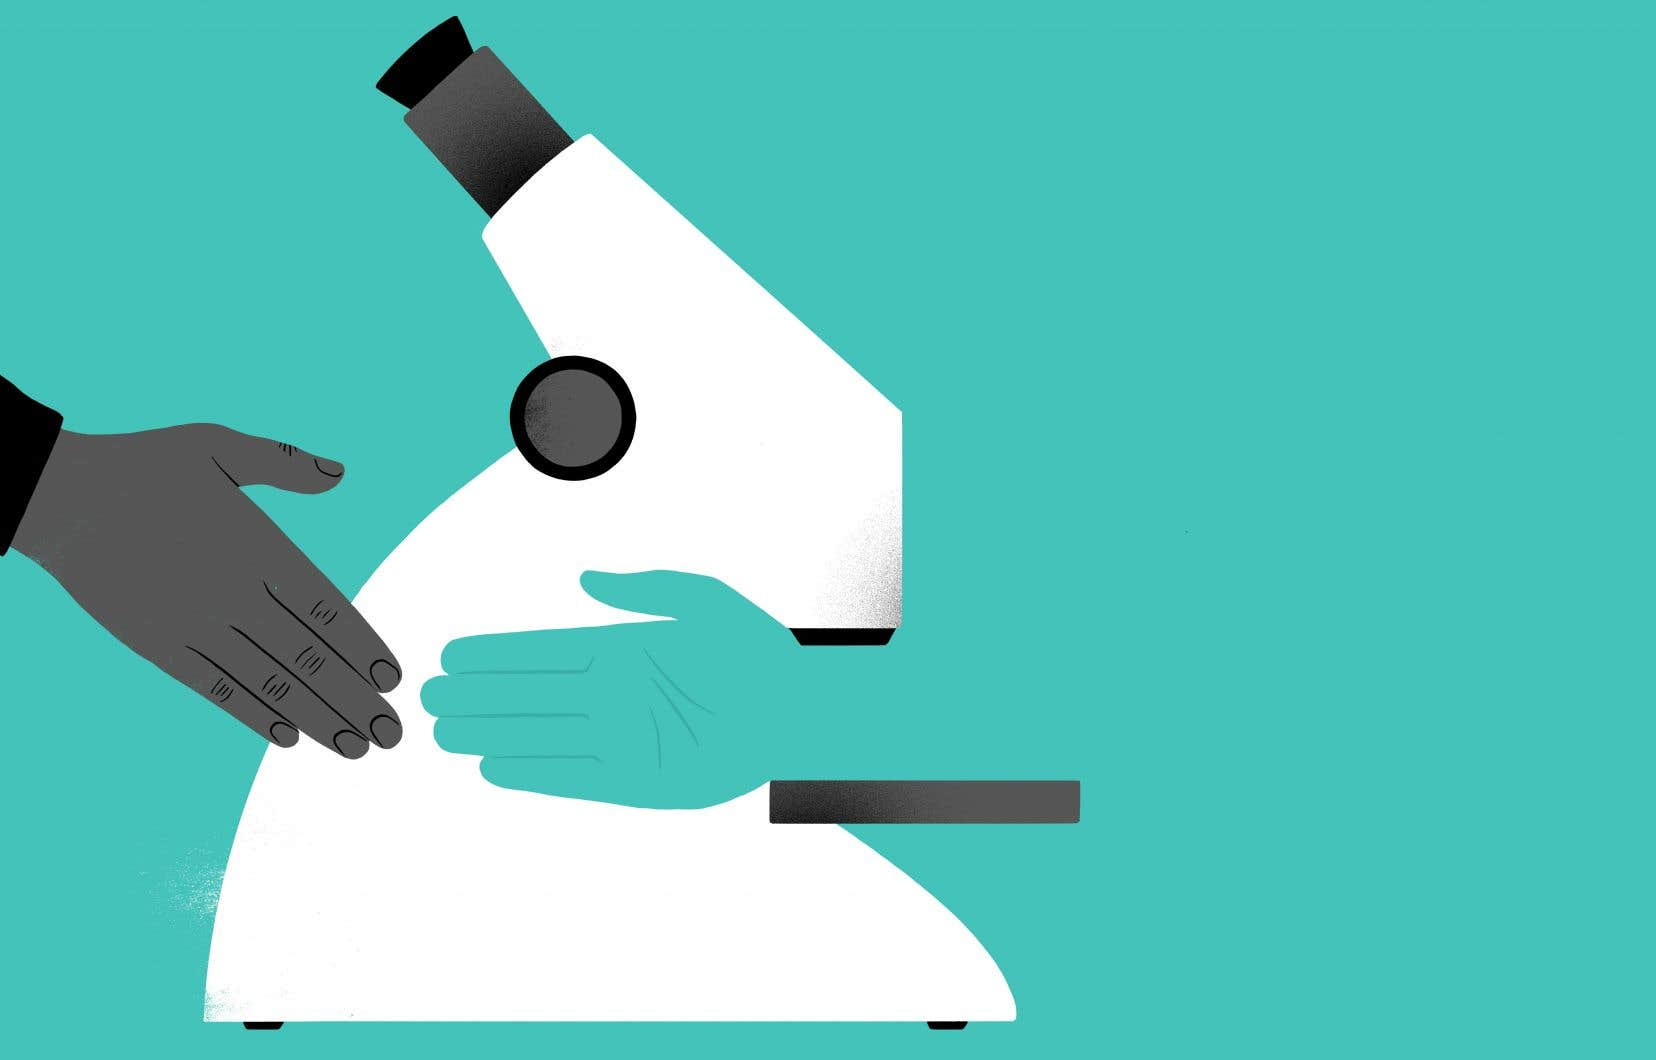 Les données probantes de la science sont incluses dans le processus décisionnel, mais au bout du compte, c'est le gouvernement qui décide, souligne Rémi Quirion.